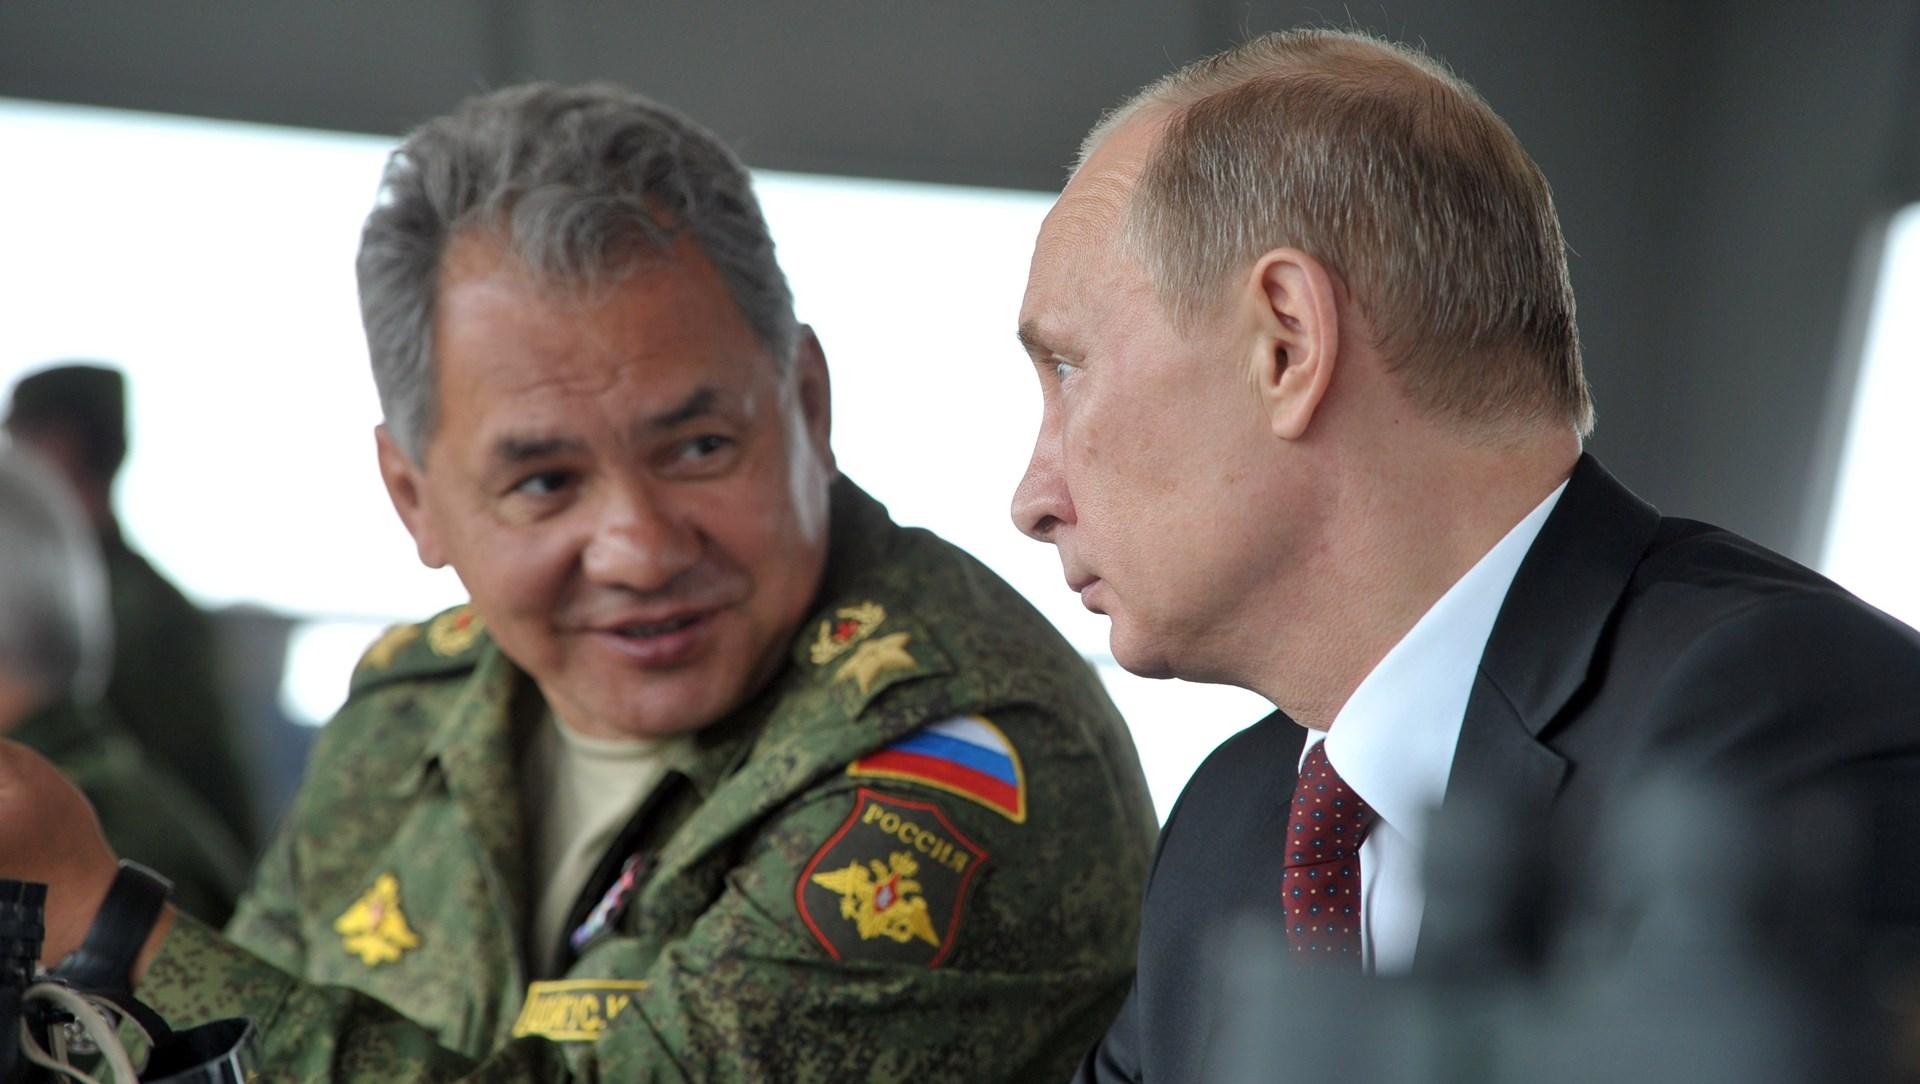 мир, Россия, Сирия, война в Сирии, политика, общество, Владимир Путин, Сергей Шойгу, армия России, ИГИЛ, терроризм